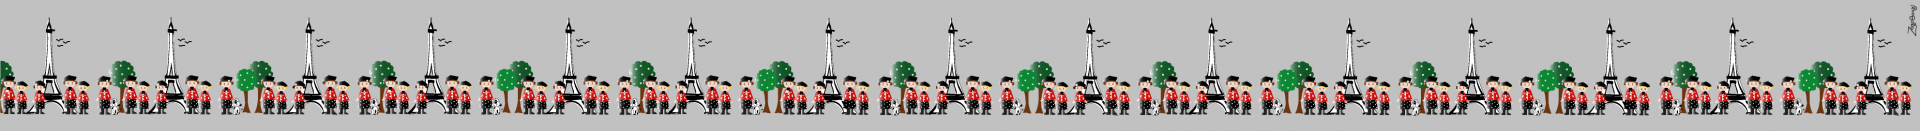 Parisiennes frise 1